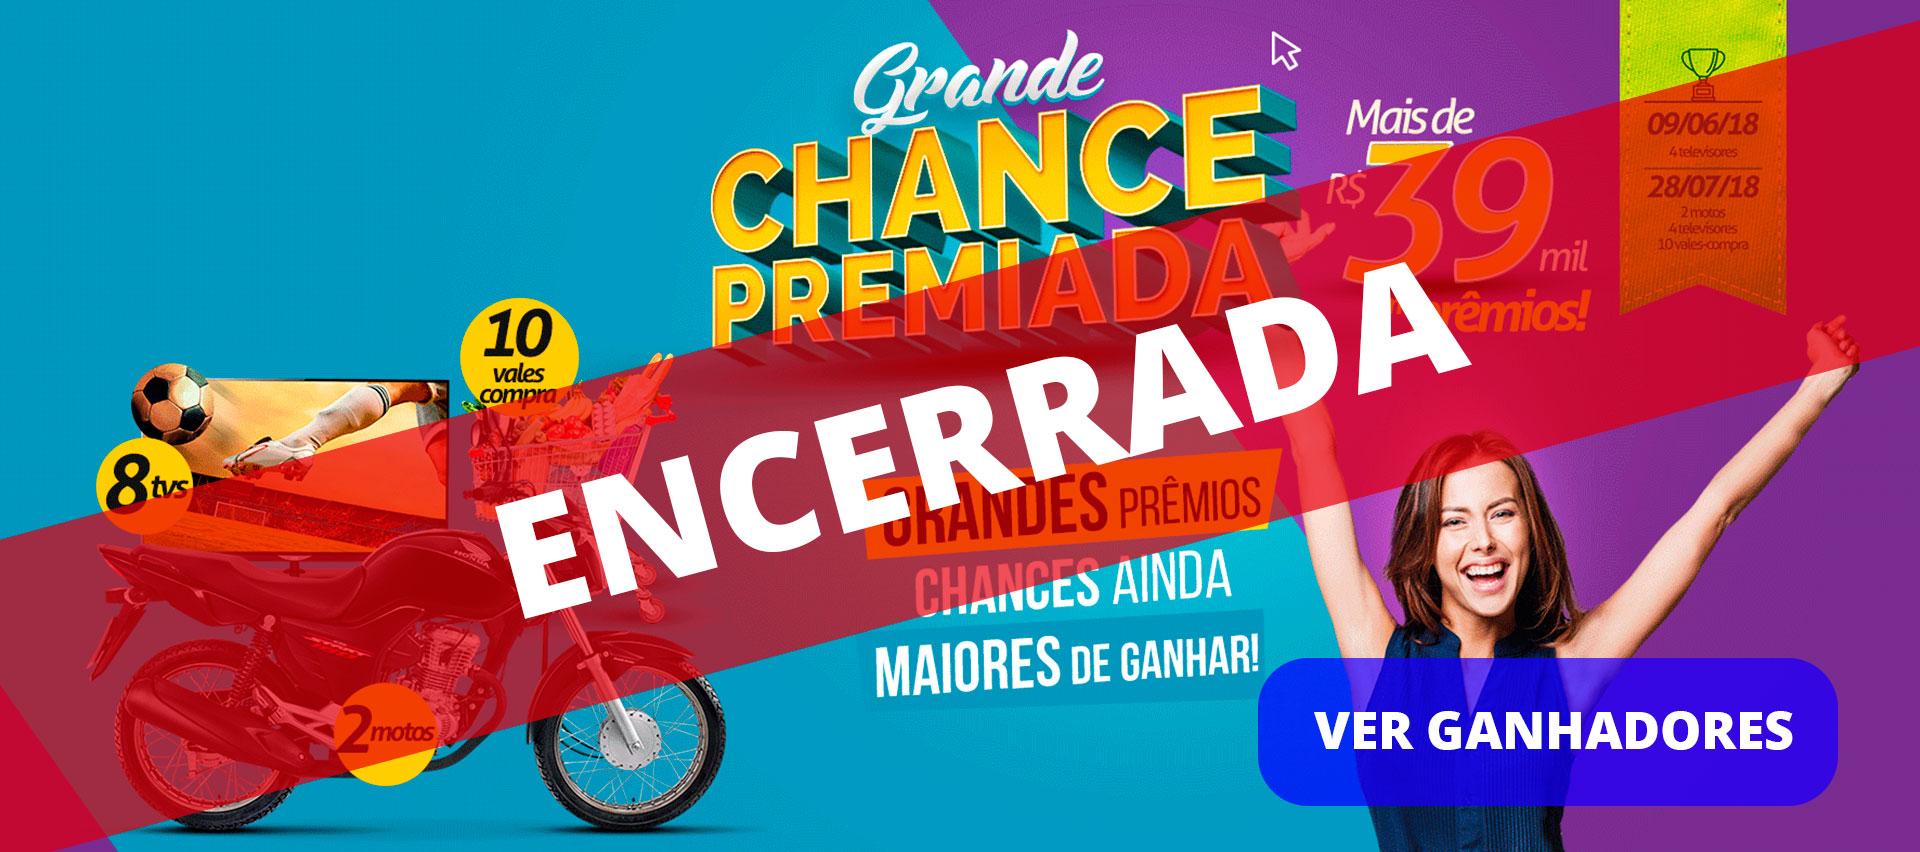 Grande Chance Premiada